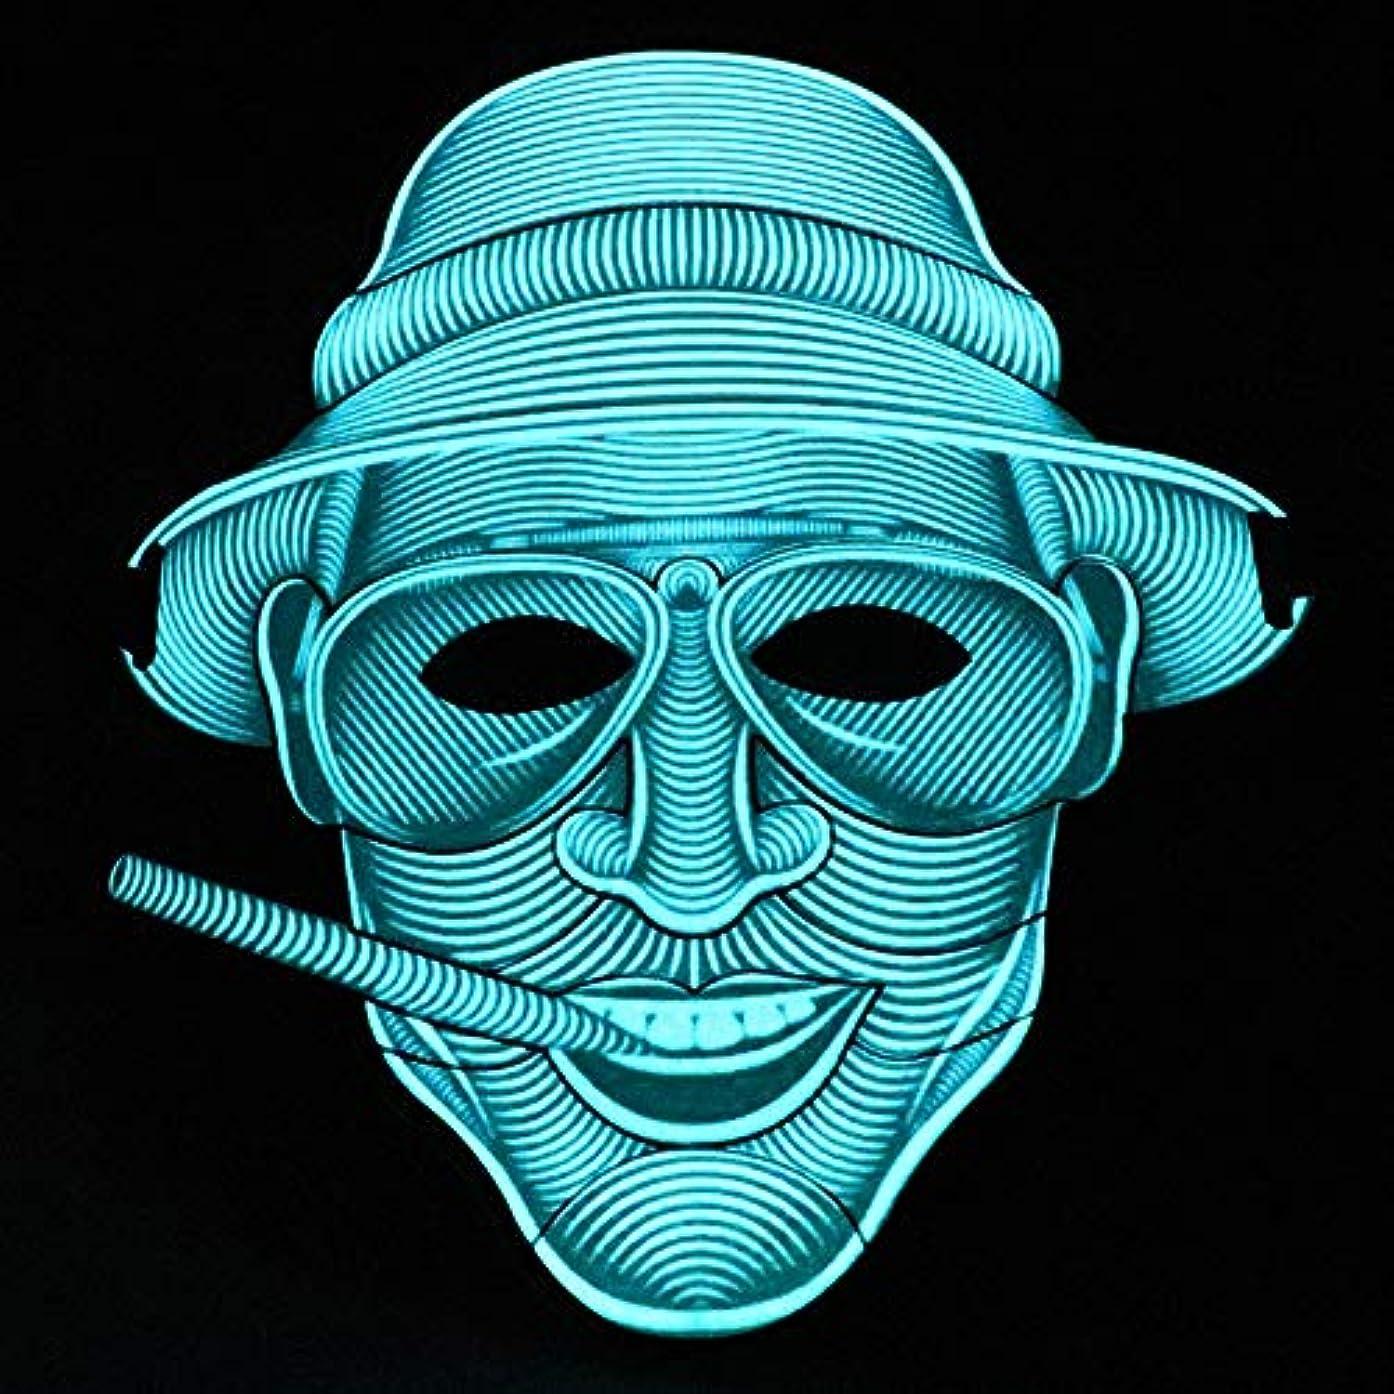 方向十分ですあたたかい照らされたマスクLED創造的な冷光音響制御マスクハロウィンバーフェスティバルダンスマスク (Color : #1)